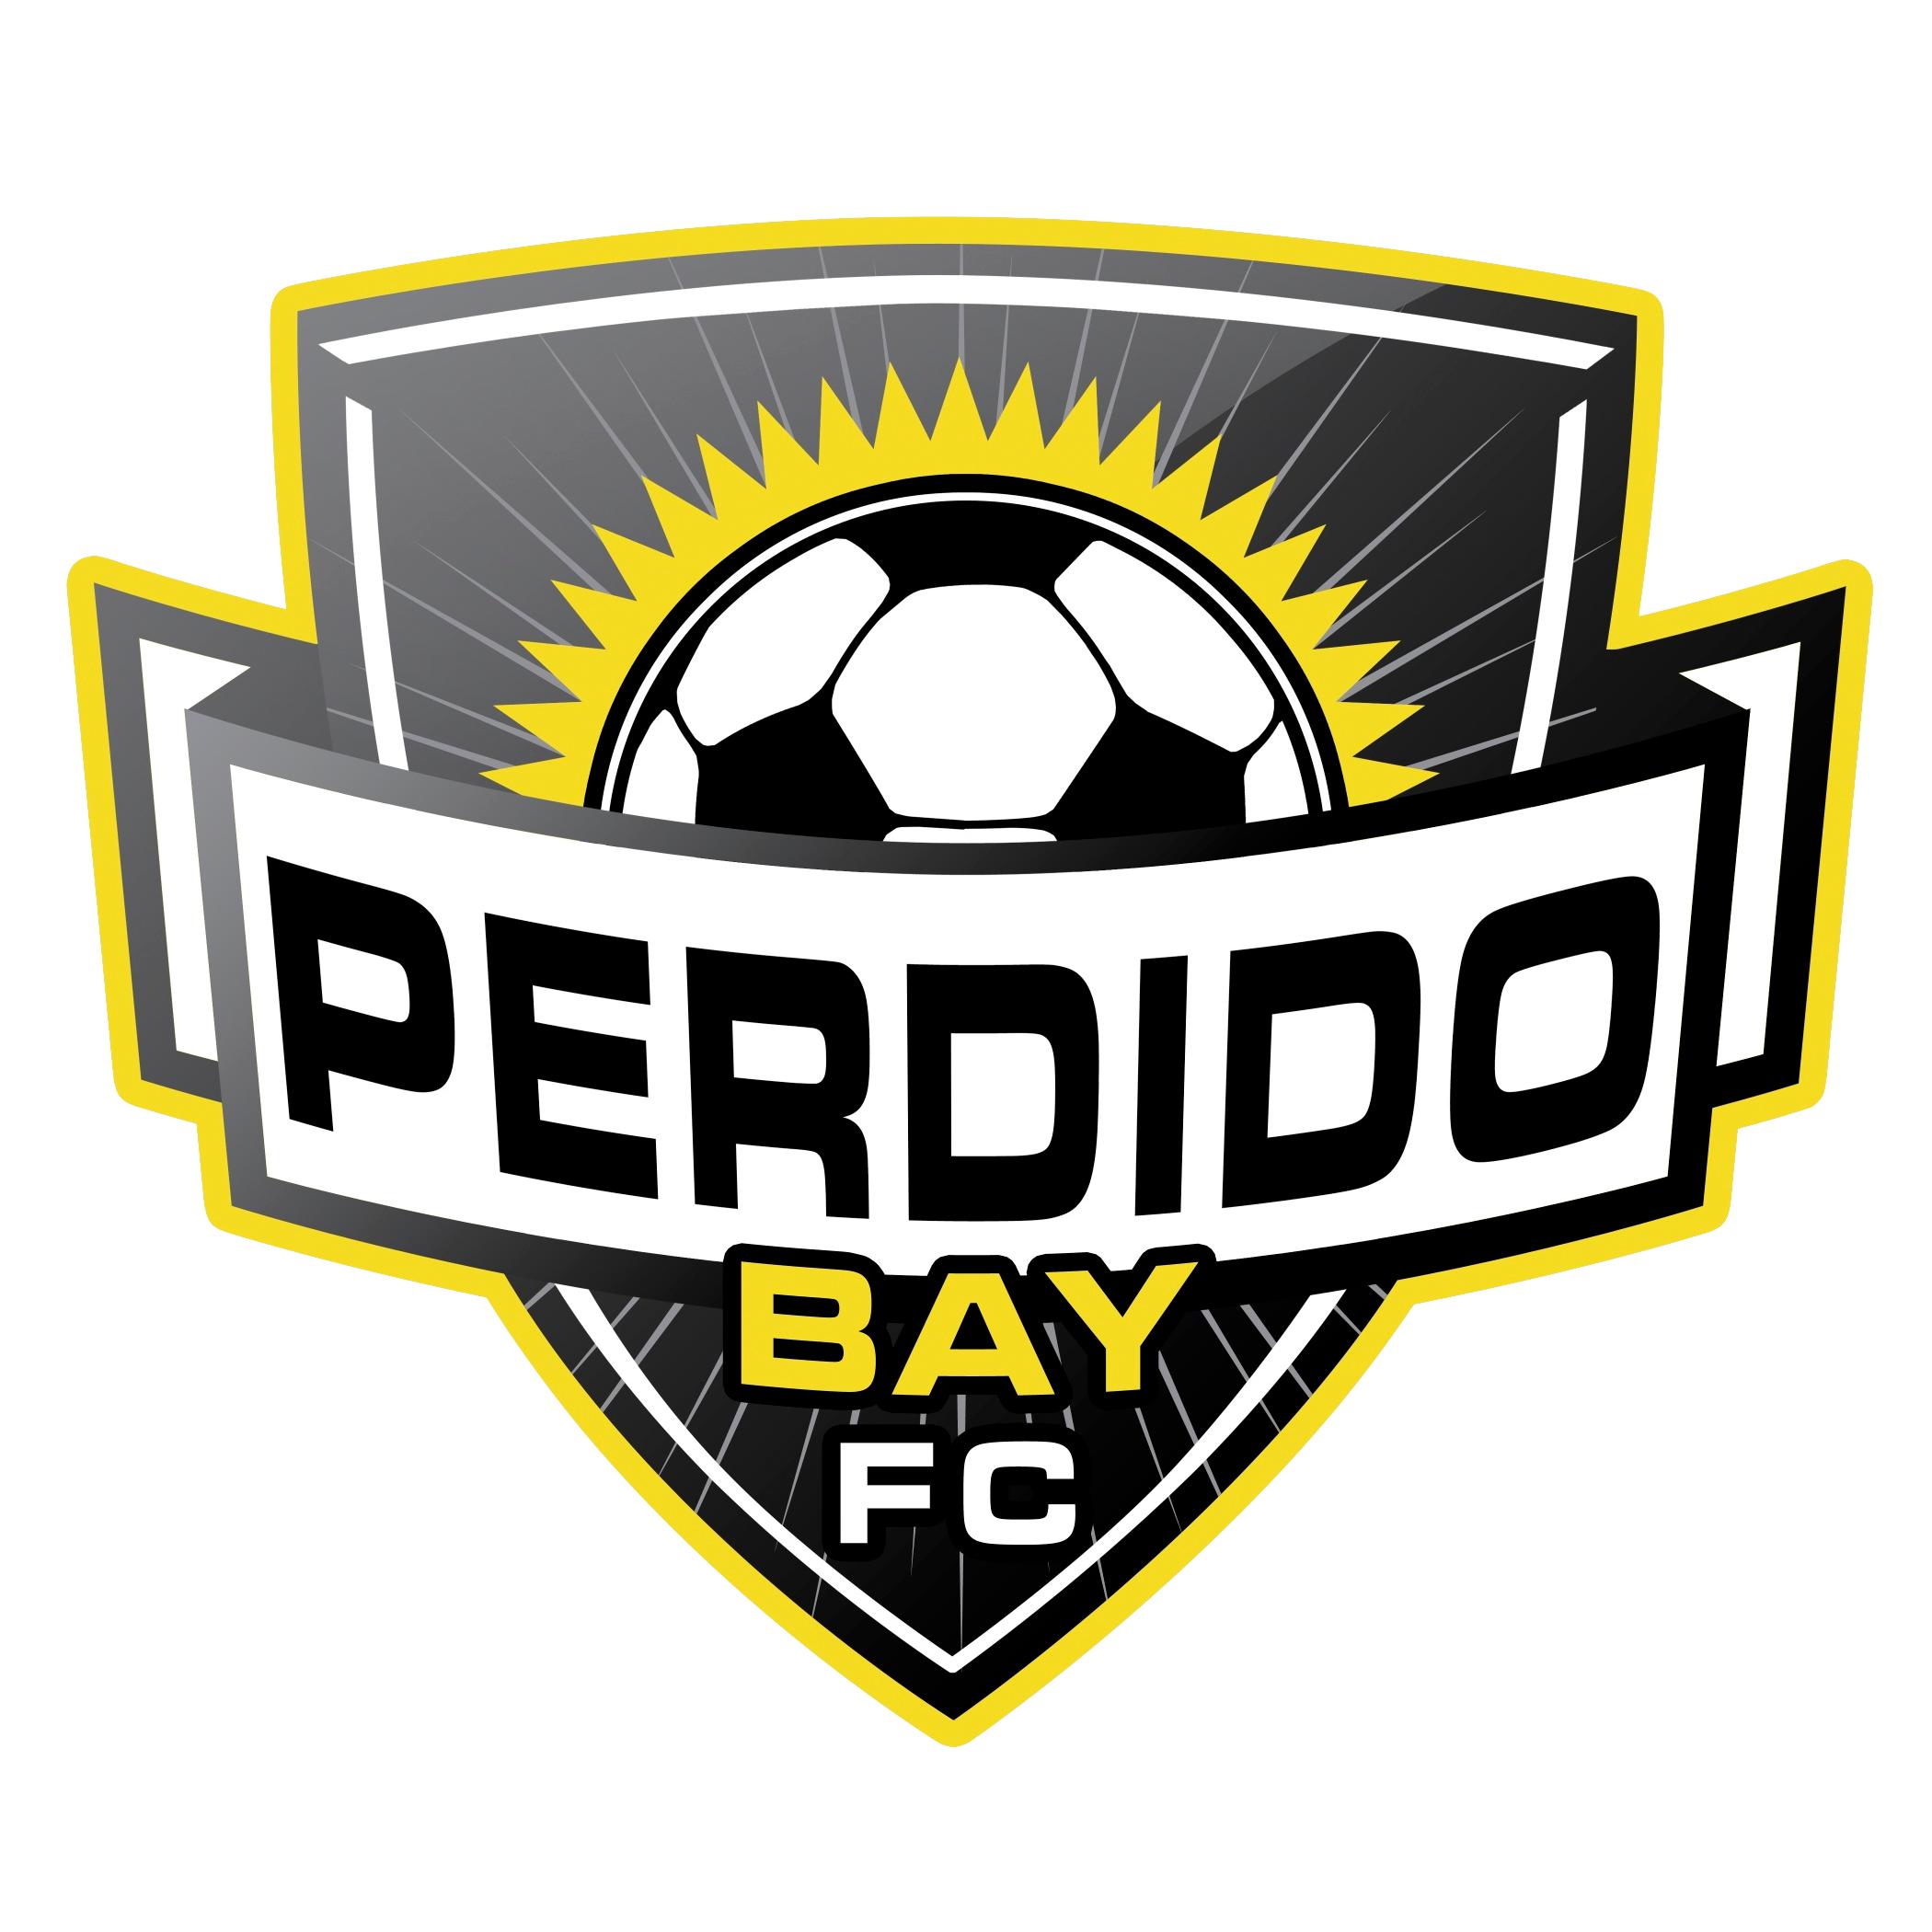 Perdido Bay FC - Youth Soccer Club